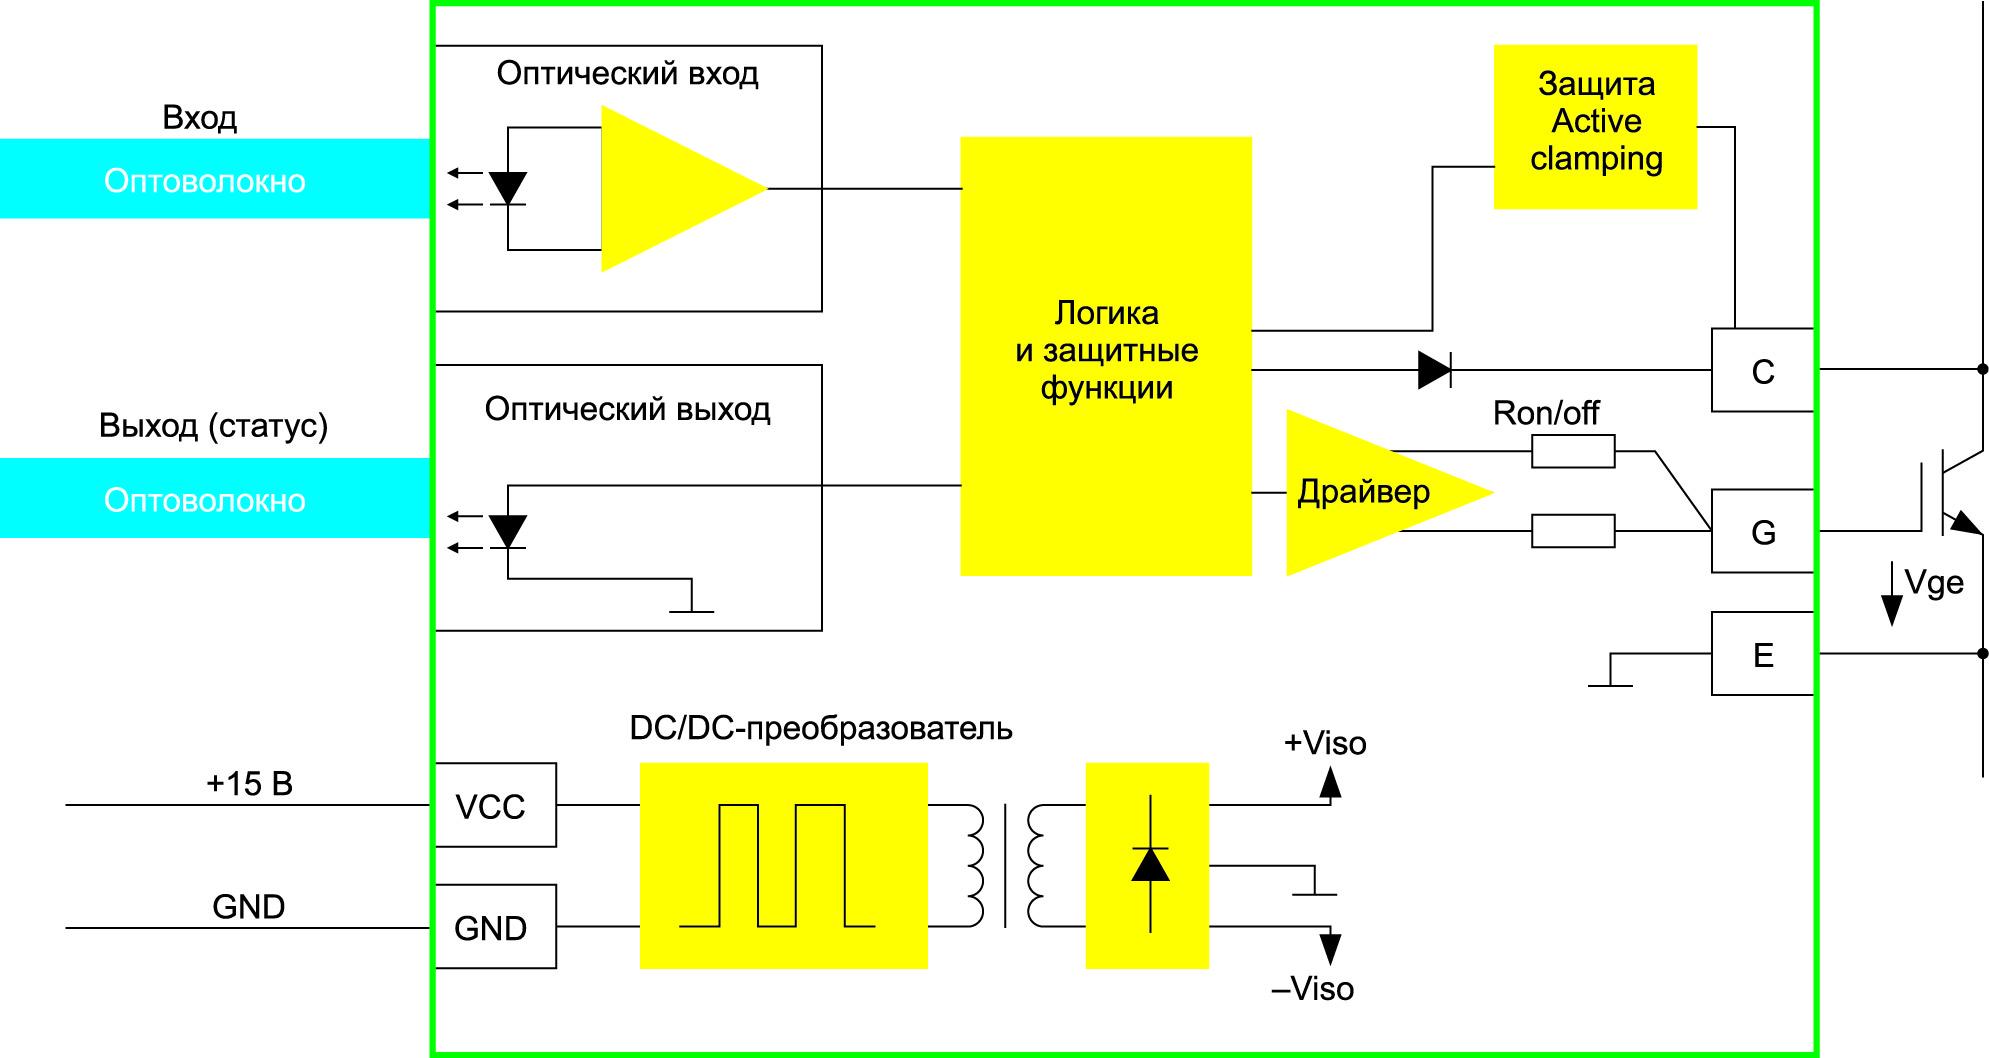 Структурная схема драйверов HPFM-HPM